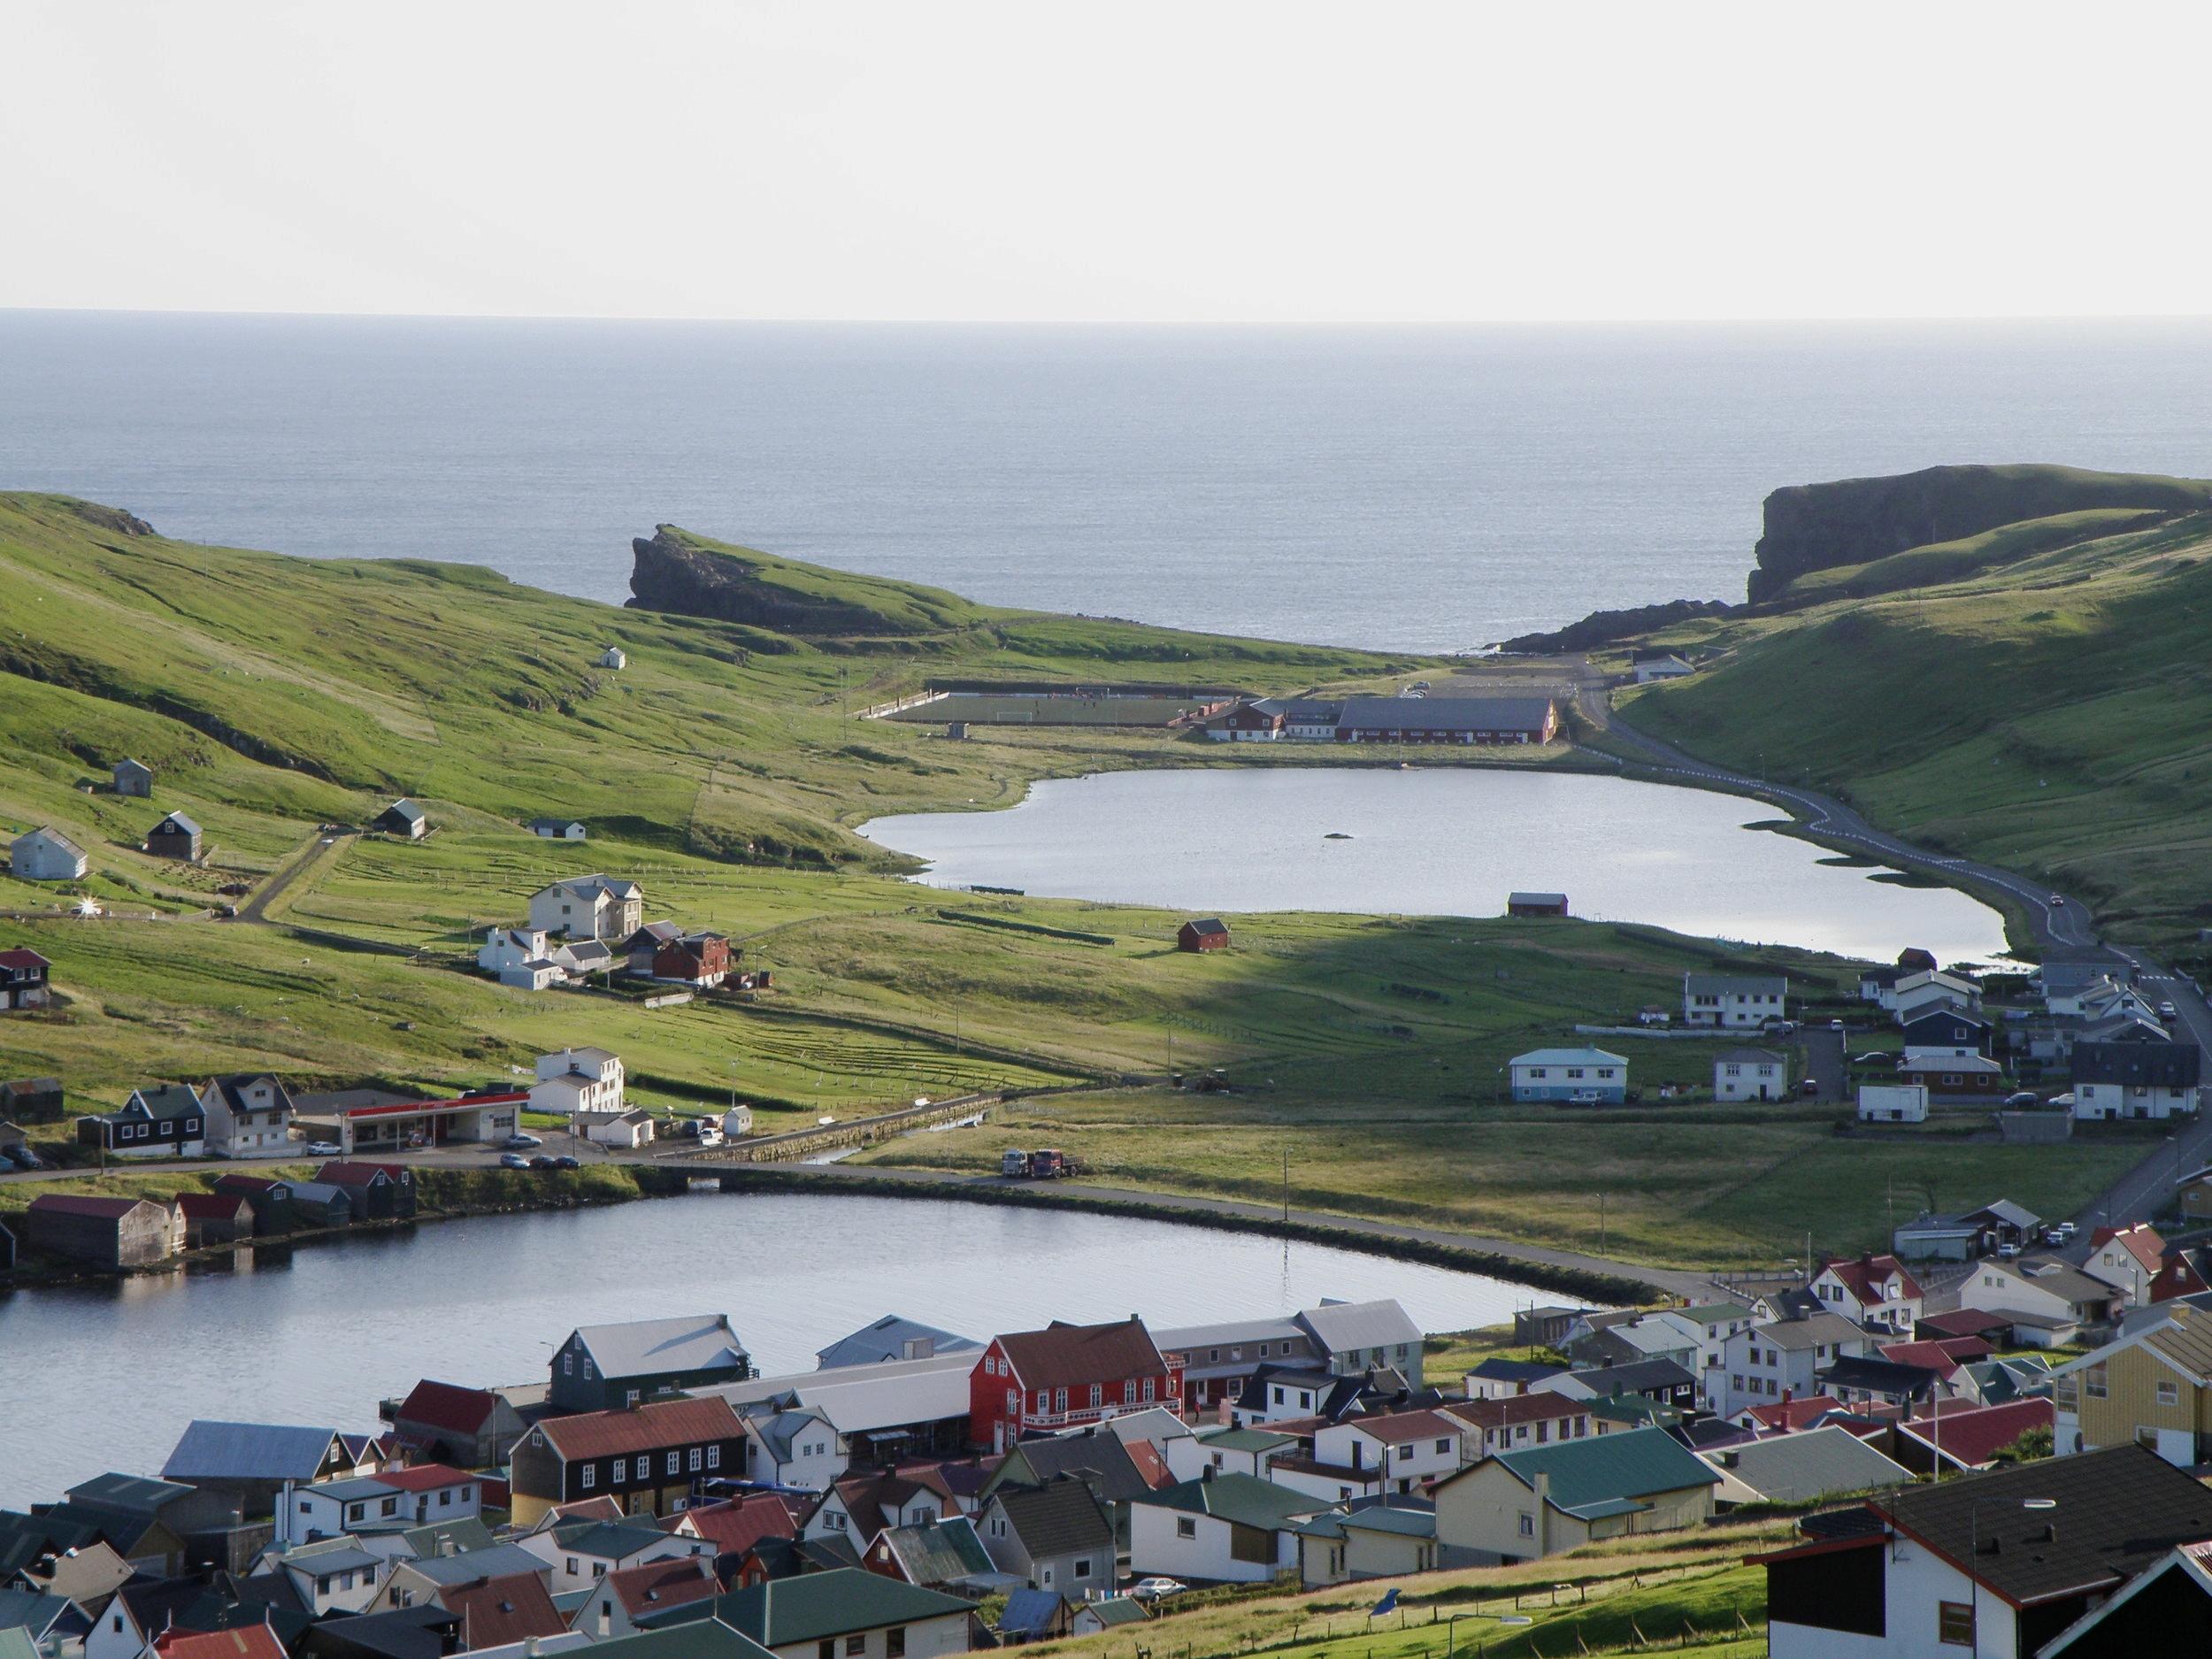 Vágur, Suðuroy